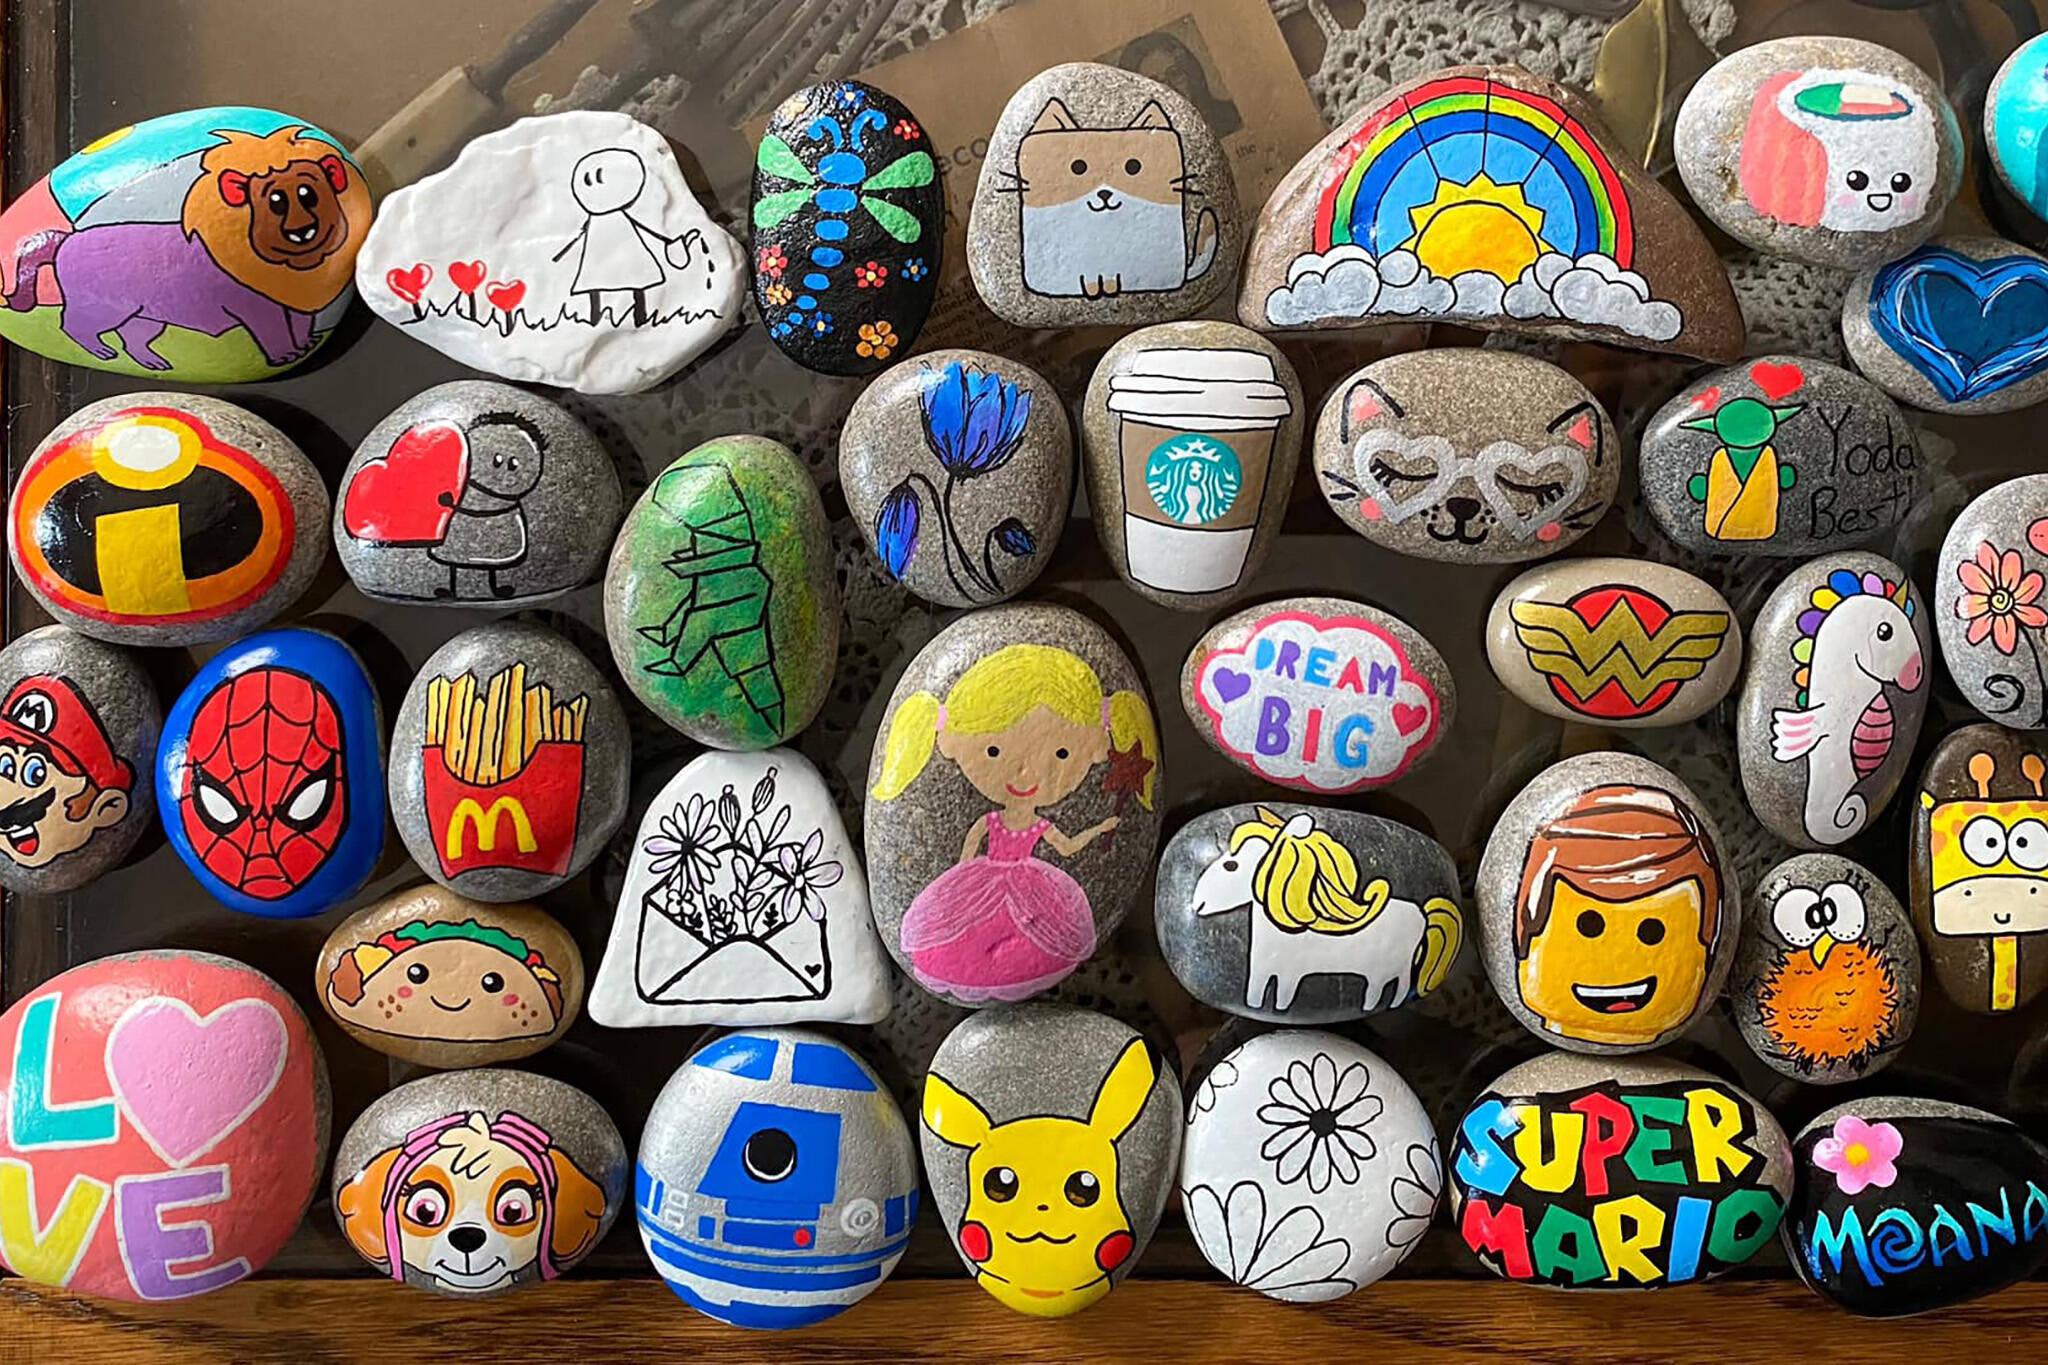 kindness rocks toronto